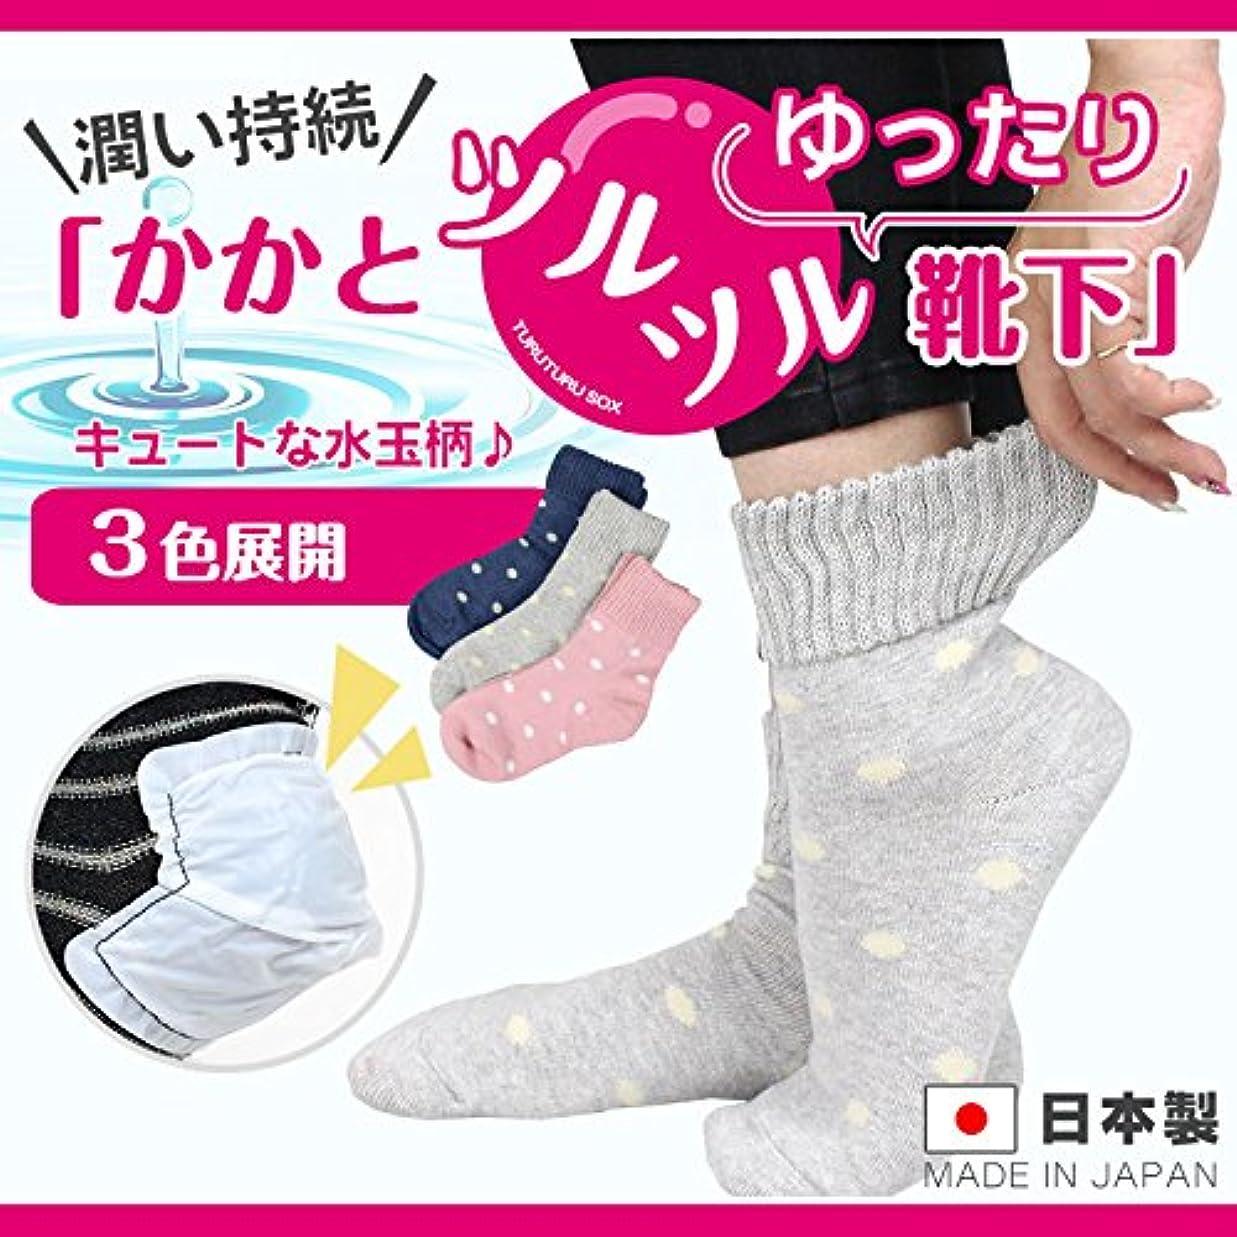 傷つきやすい排気クレタかかと ツルツル 靴下 薄手 ゆったり 水玉柄 かかと 角質 ケア ひび割れ 対策 23-25cm 太陽ニット 592 (ピンク)